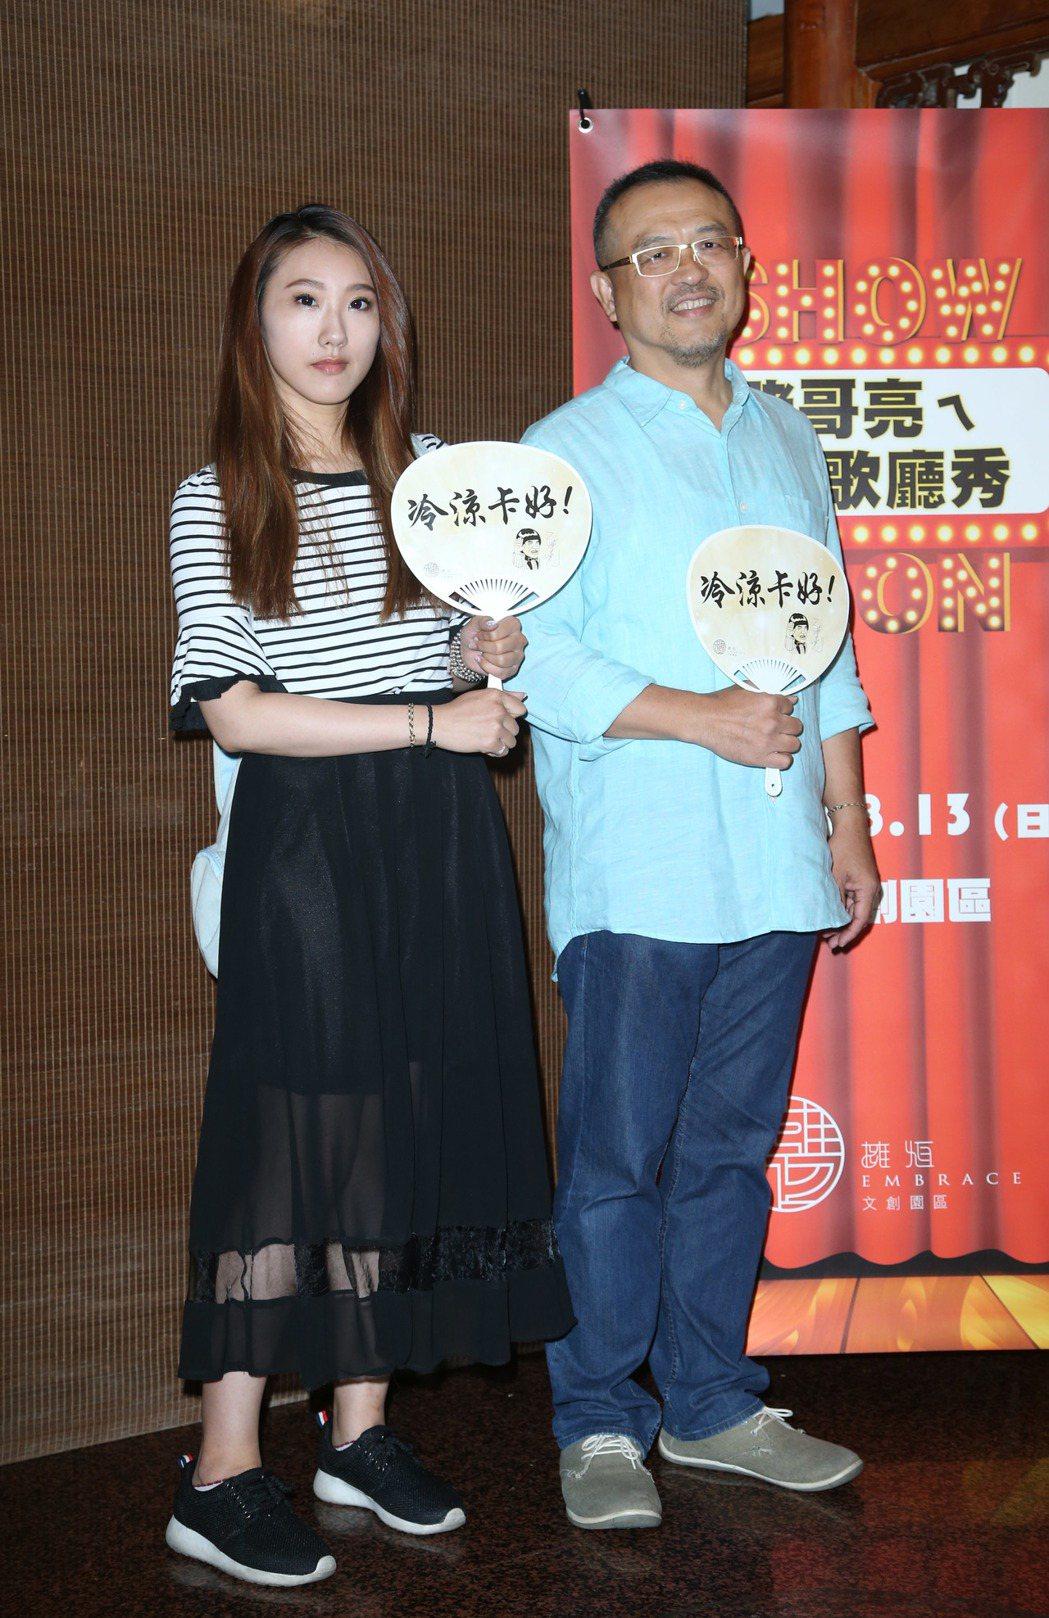 謝順福(右)與謝金晶兄妹說明豬哥亮追思音樂會事宜。記者陳瑞源/攝影